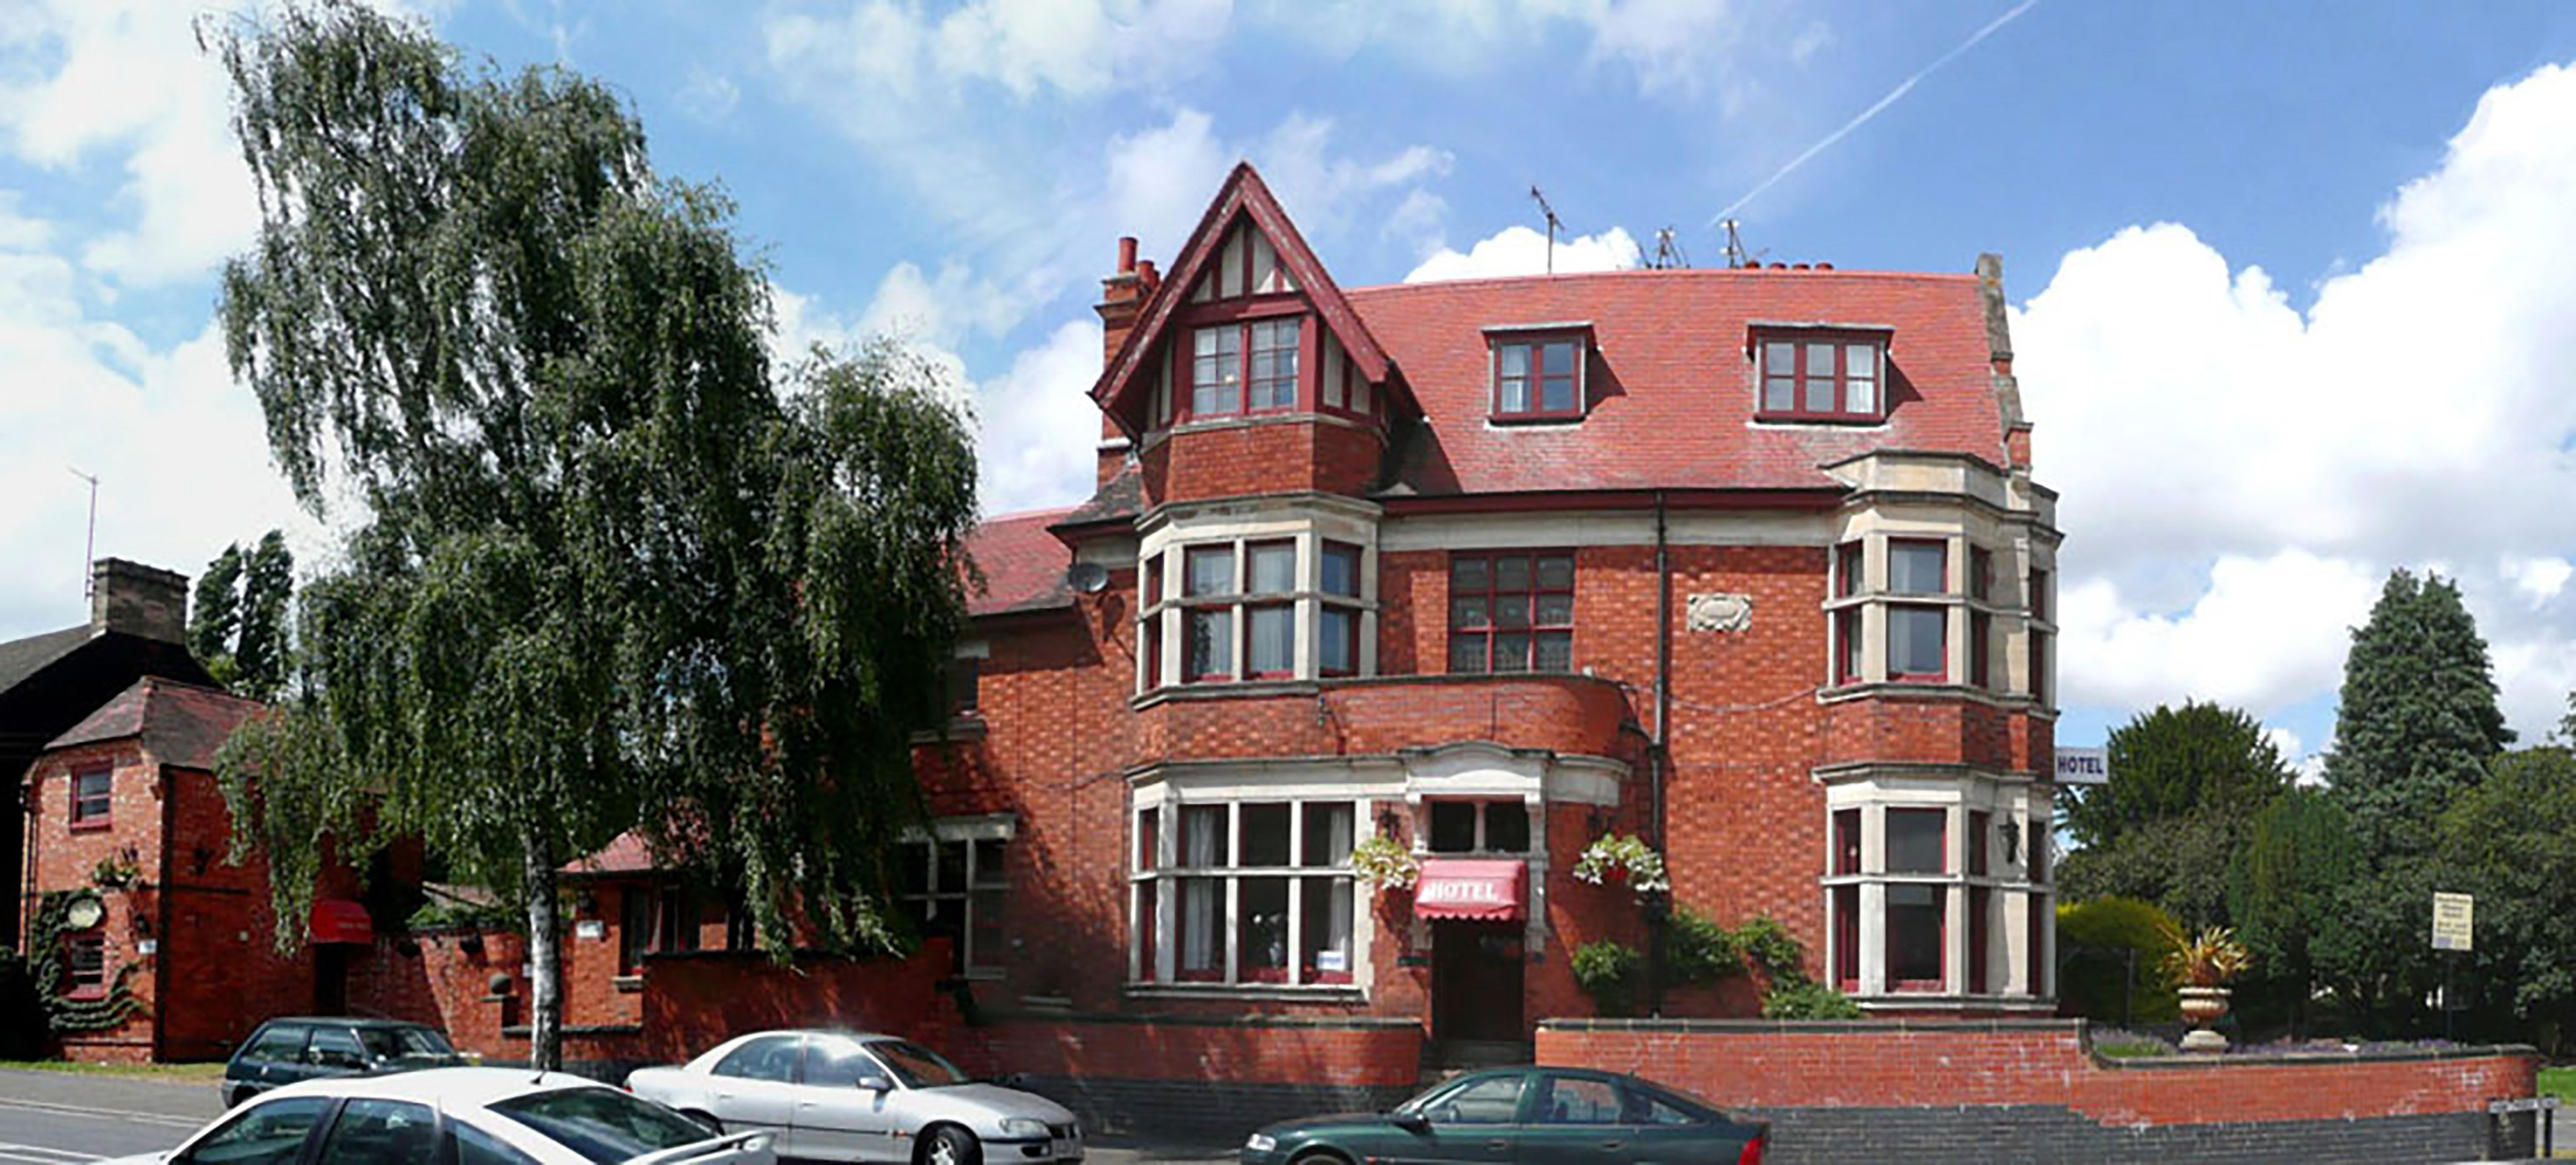 Hawthorn House Hotel